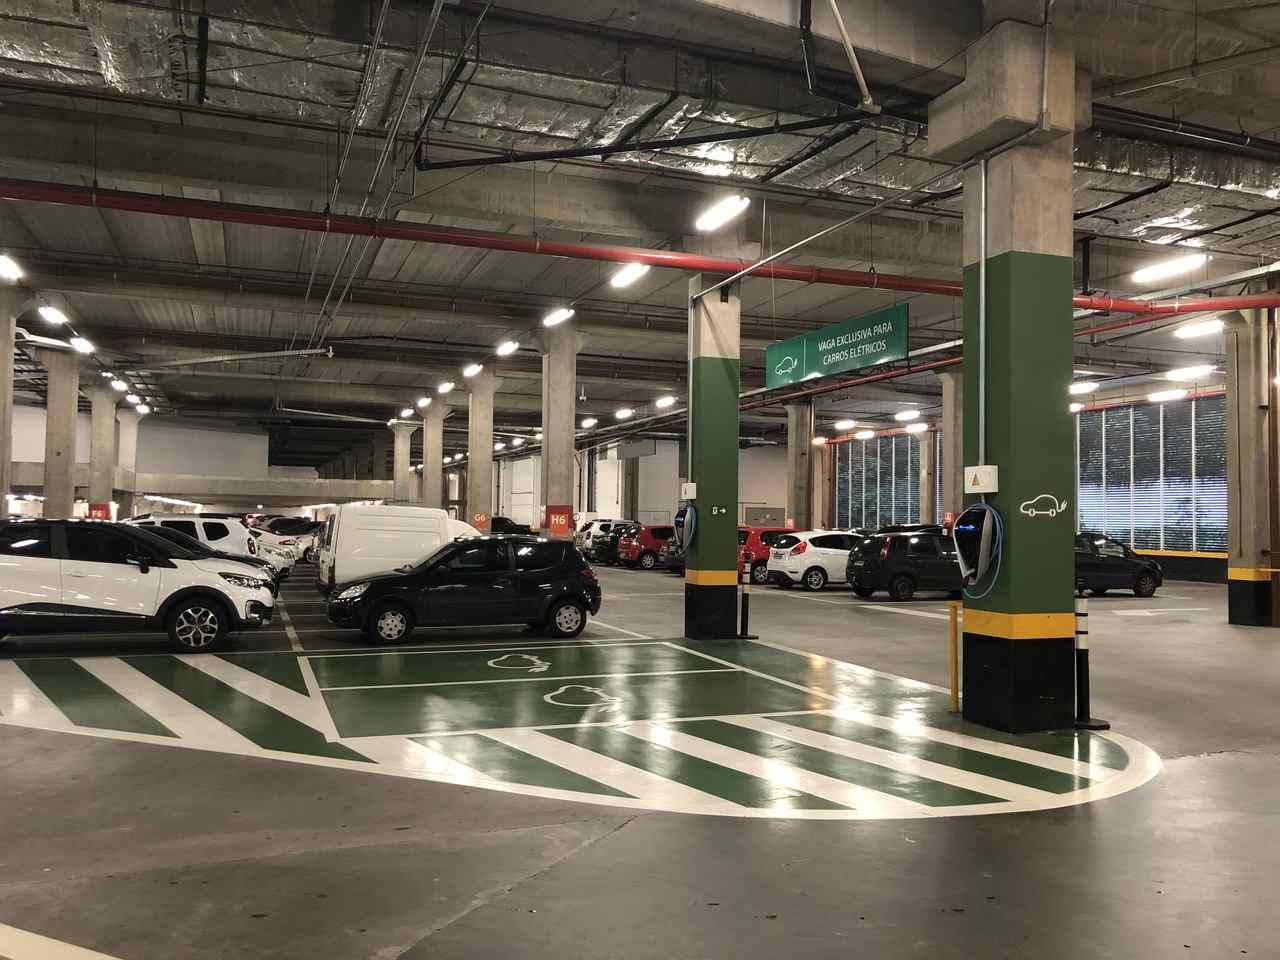 Melhores estacionamentos de shopping em São Paulo